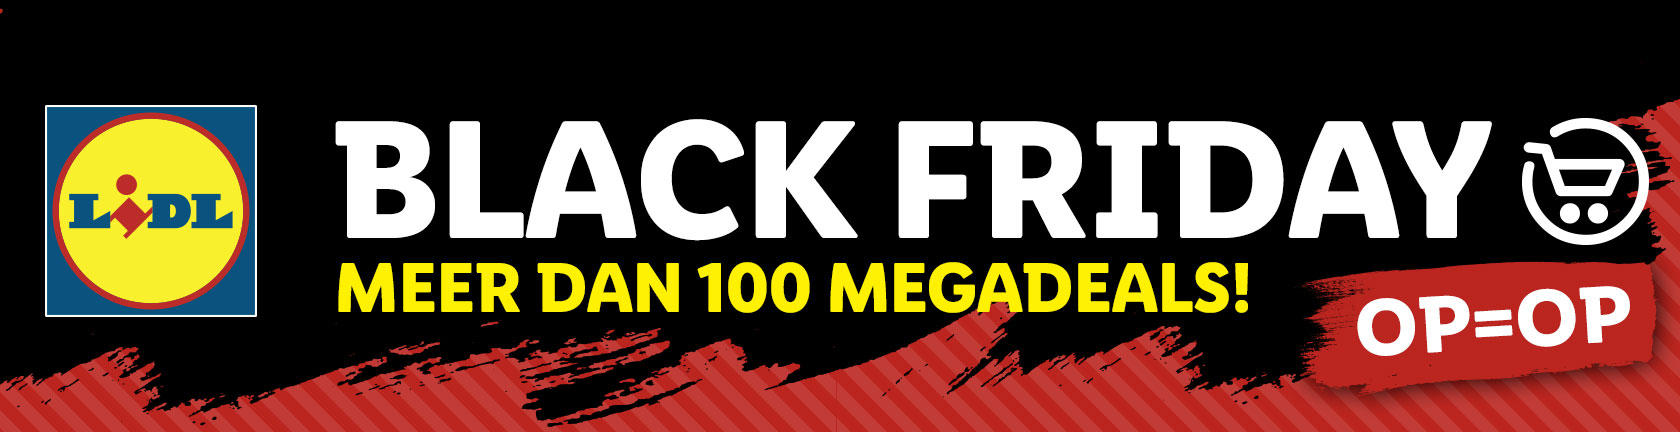 Lidl Black Friday meer dan 100 megadeals! Op=Op!